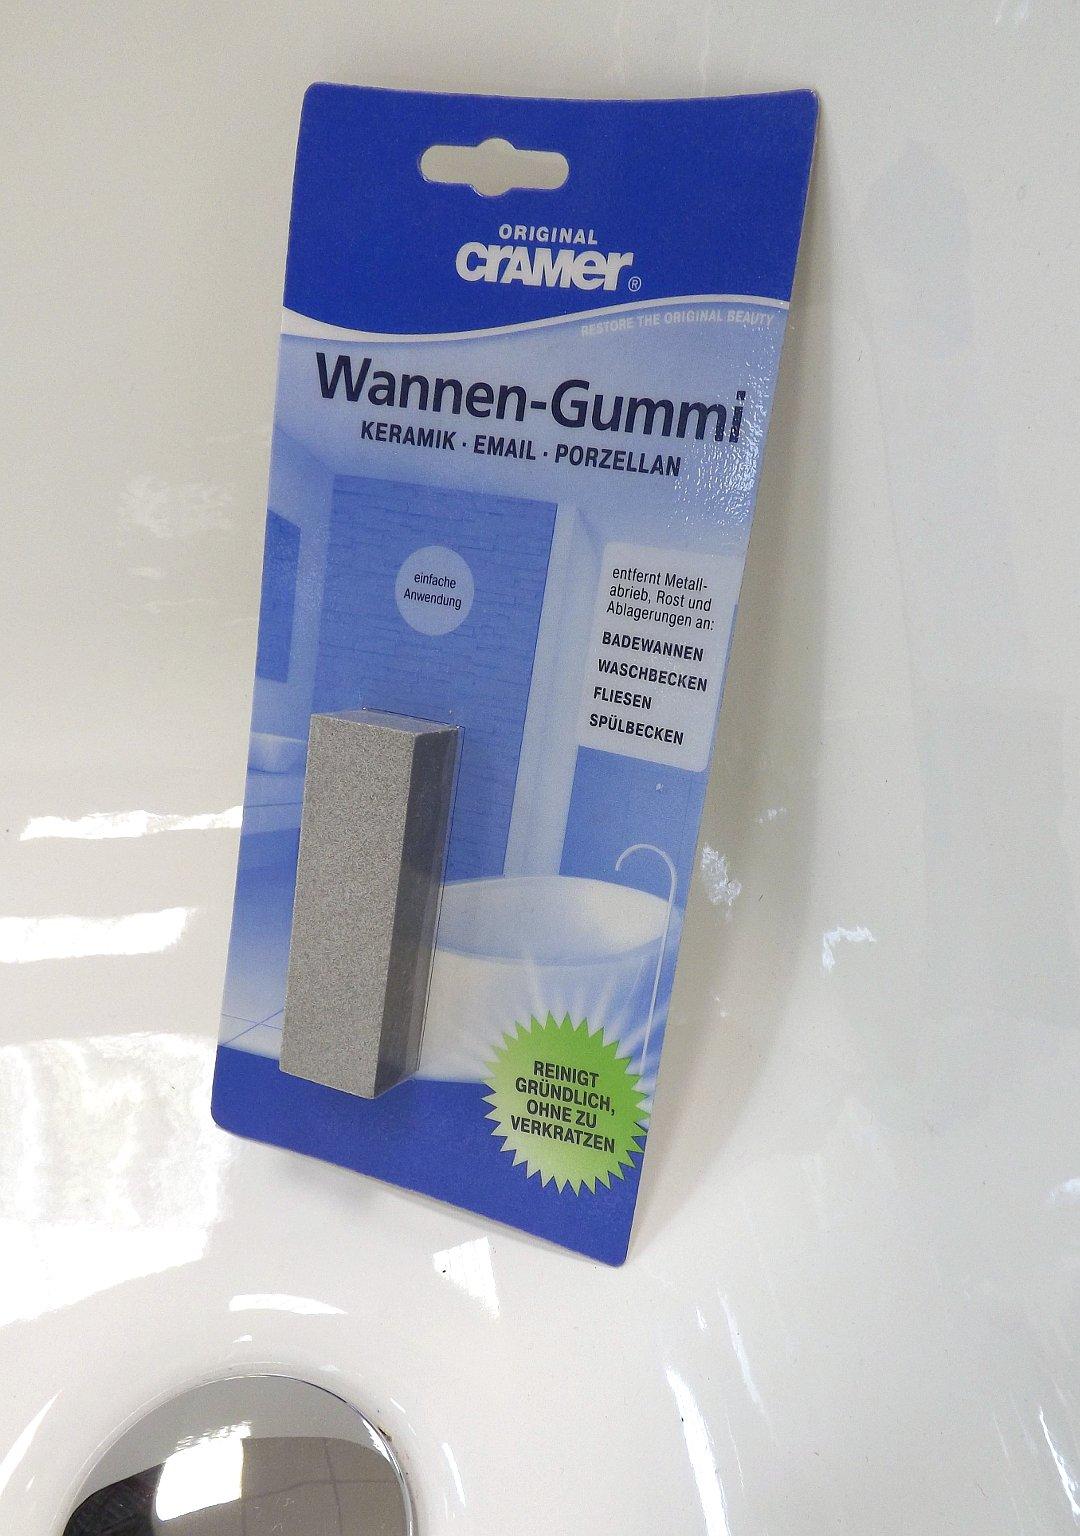 Ластик от Cramer для бережной и тщательной очистки керамических и эмалированных поверхностей ванн, поддонов и т.п. саноборудования